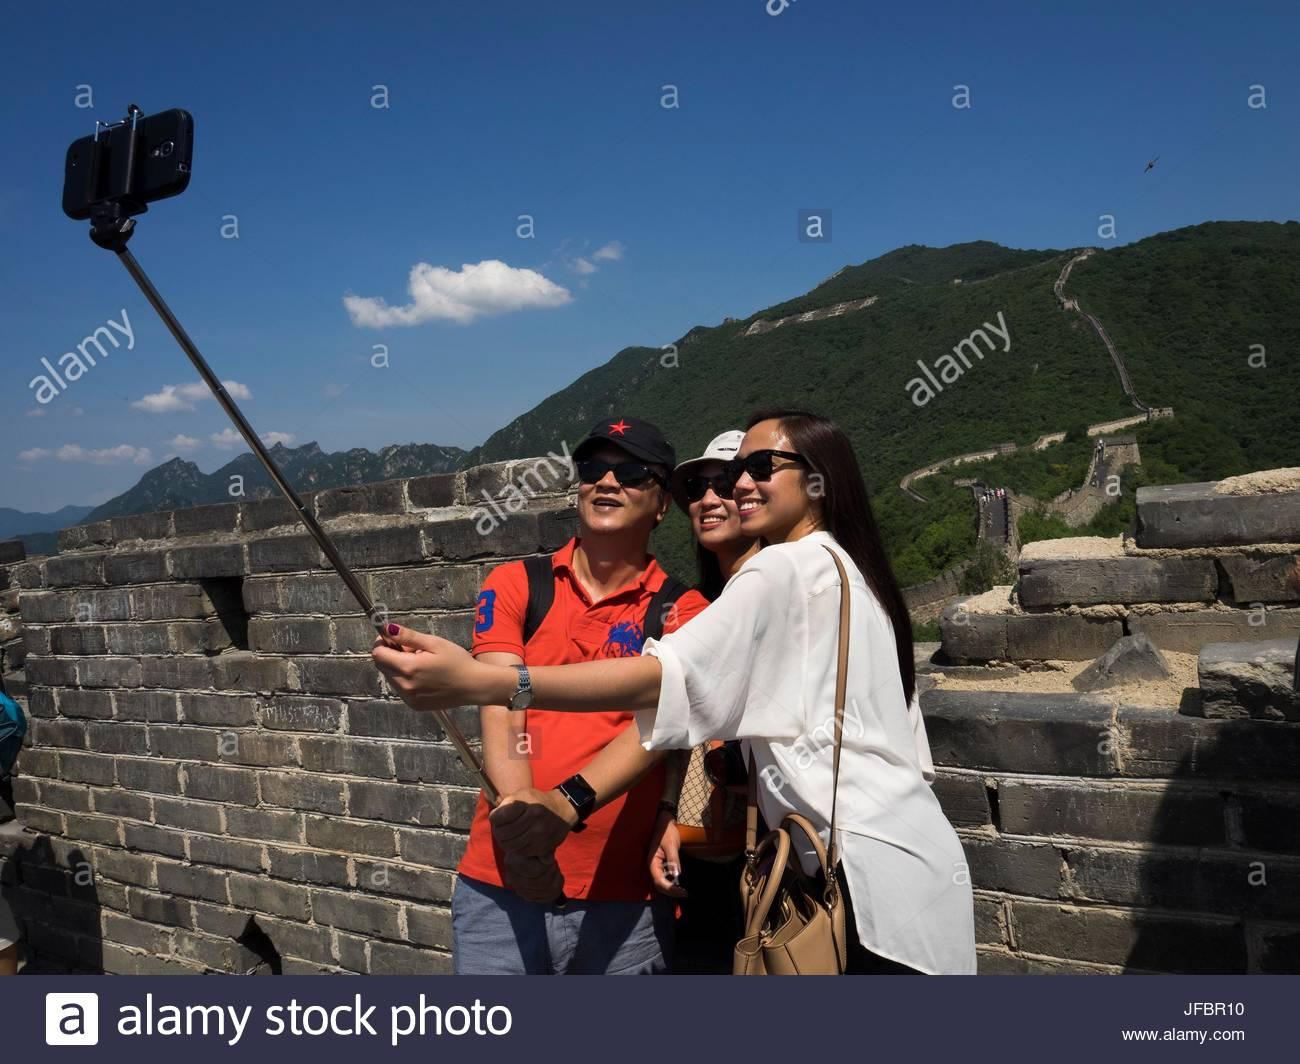 Los adolescentes disparar un selfie en la Gran Muralla de China, usando un teléfono celular. Imagen De Stock